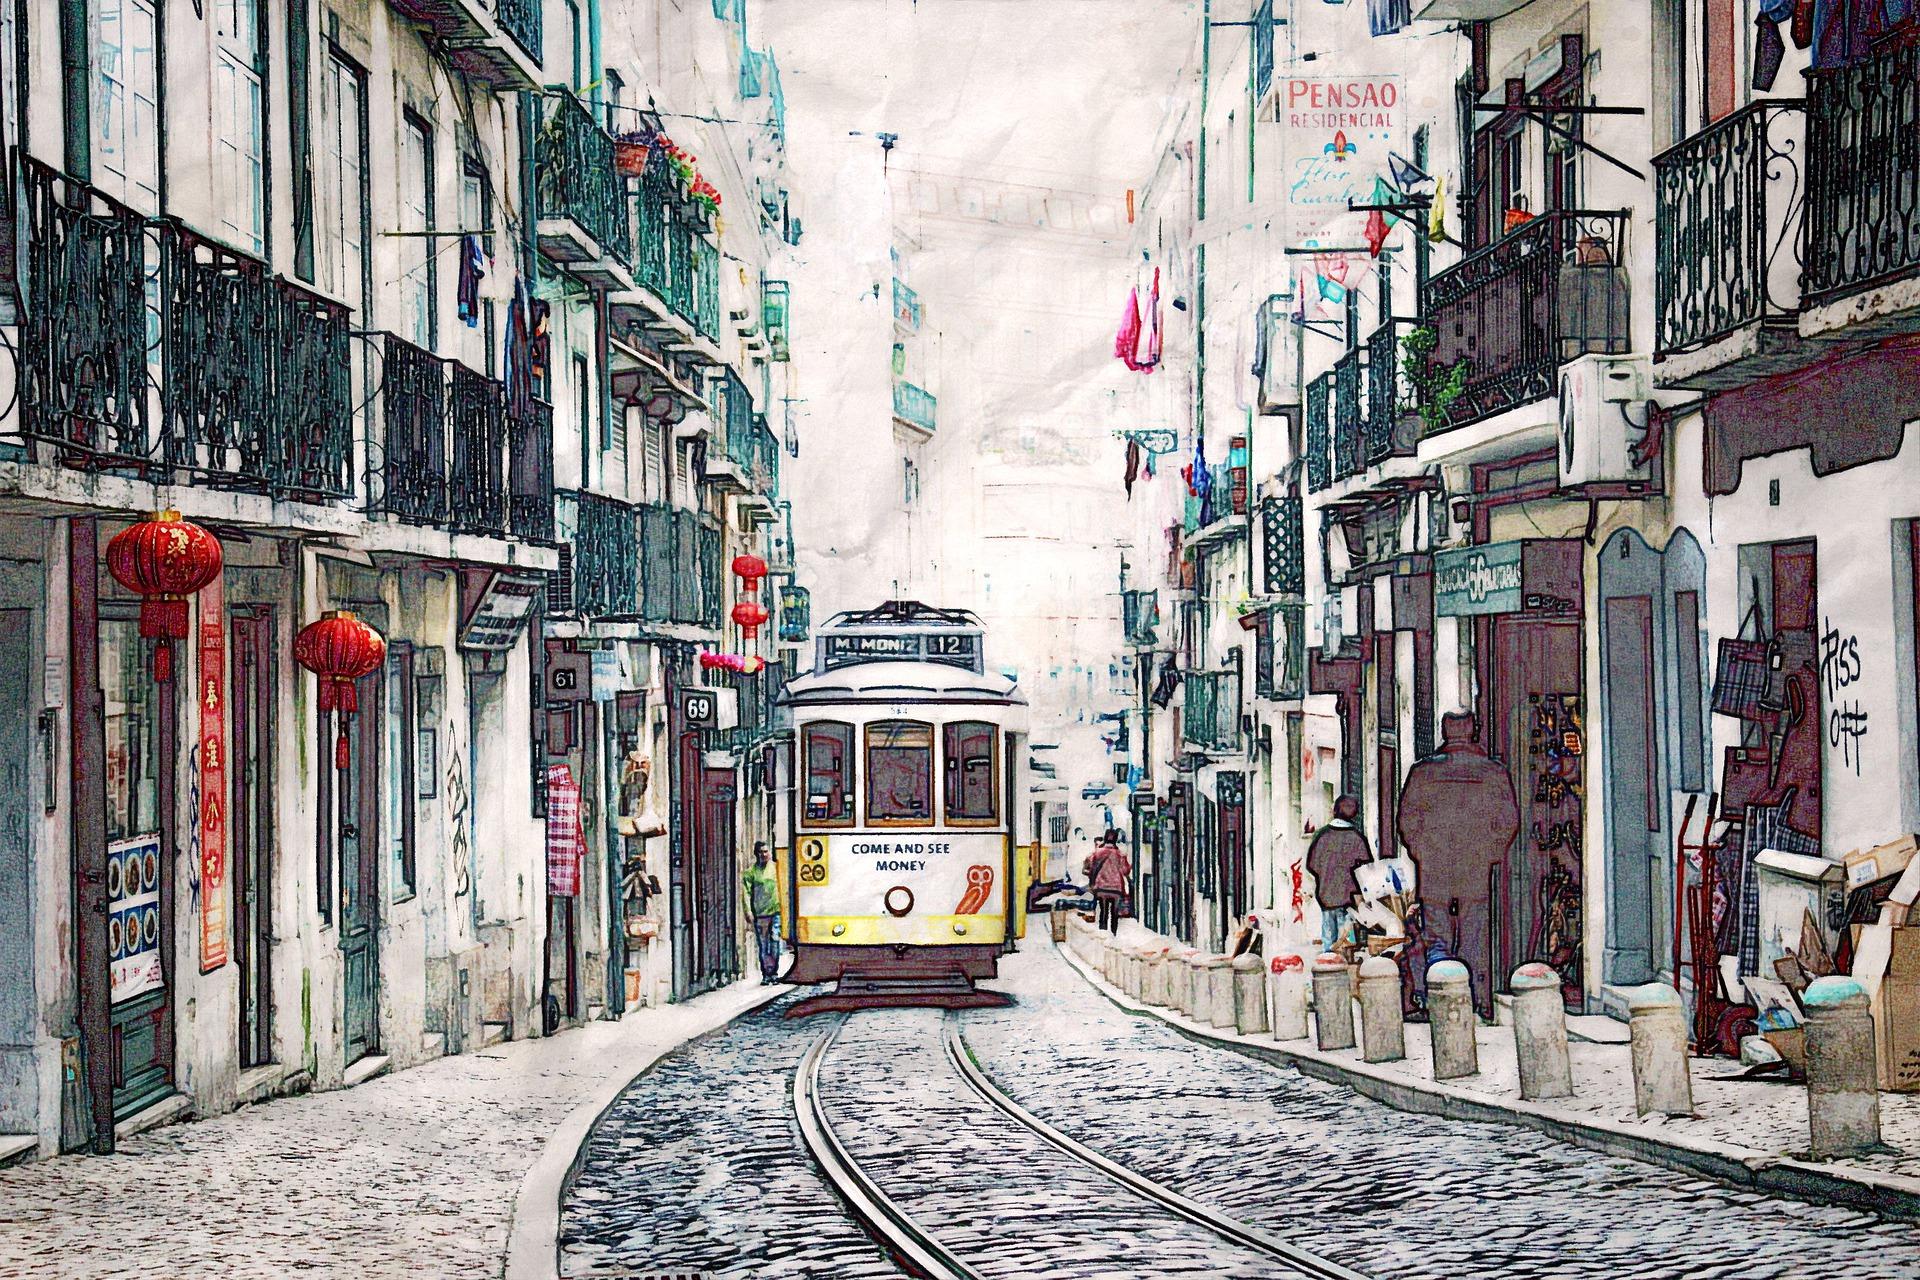 As 12 campanhas do ano em Portugal (com vídeos)